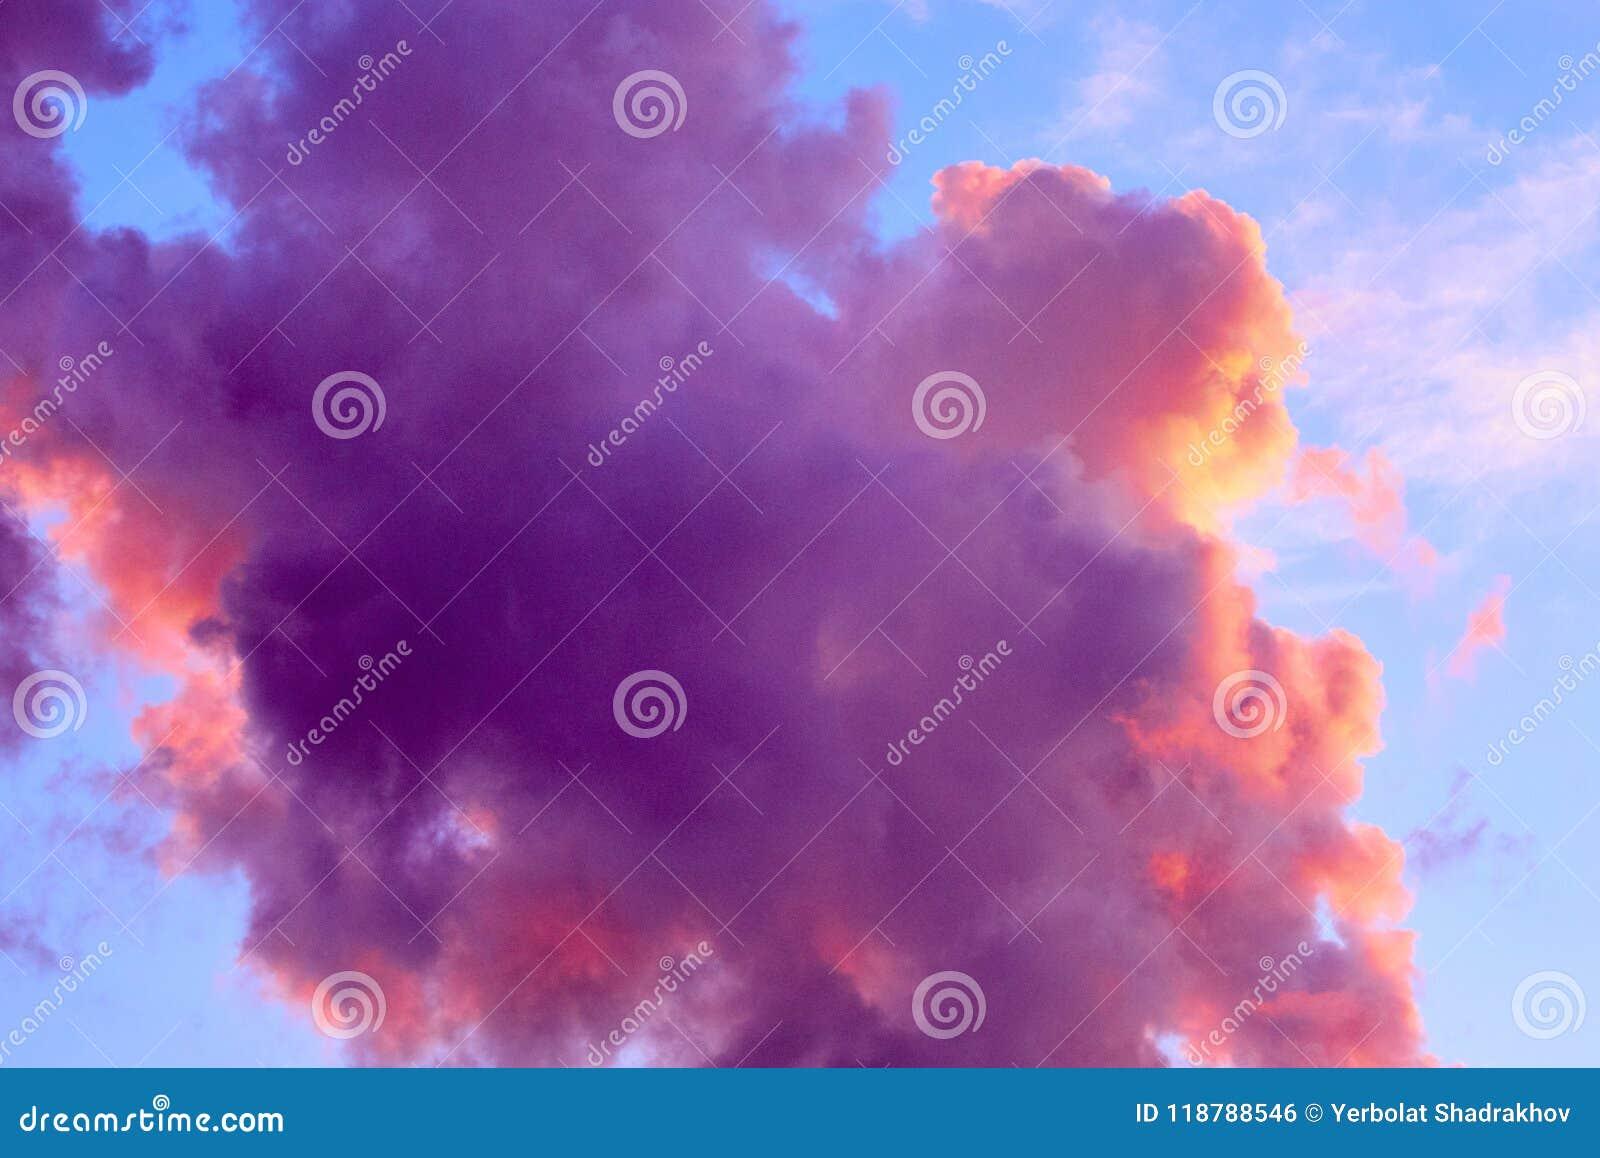 Mooie hemelachtergrond met purpere gekleurde wolken